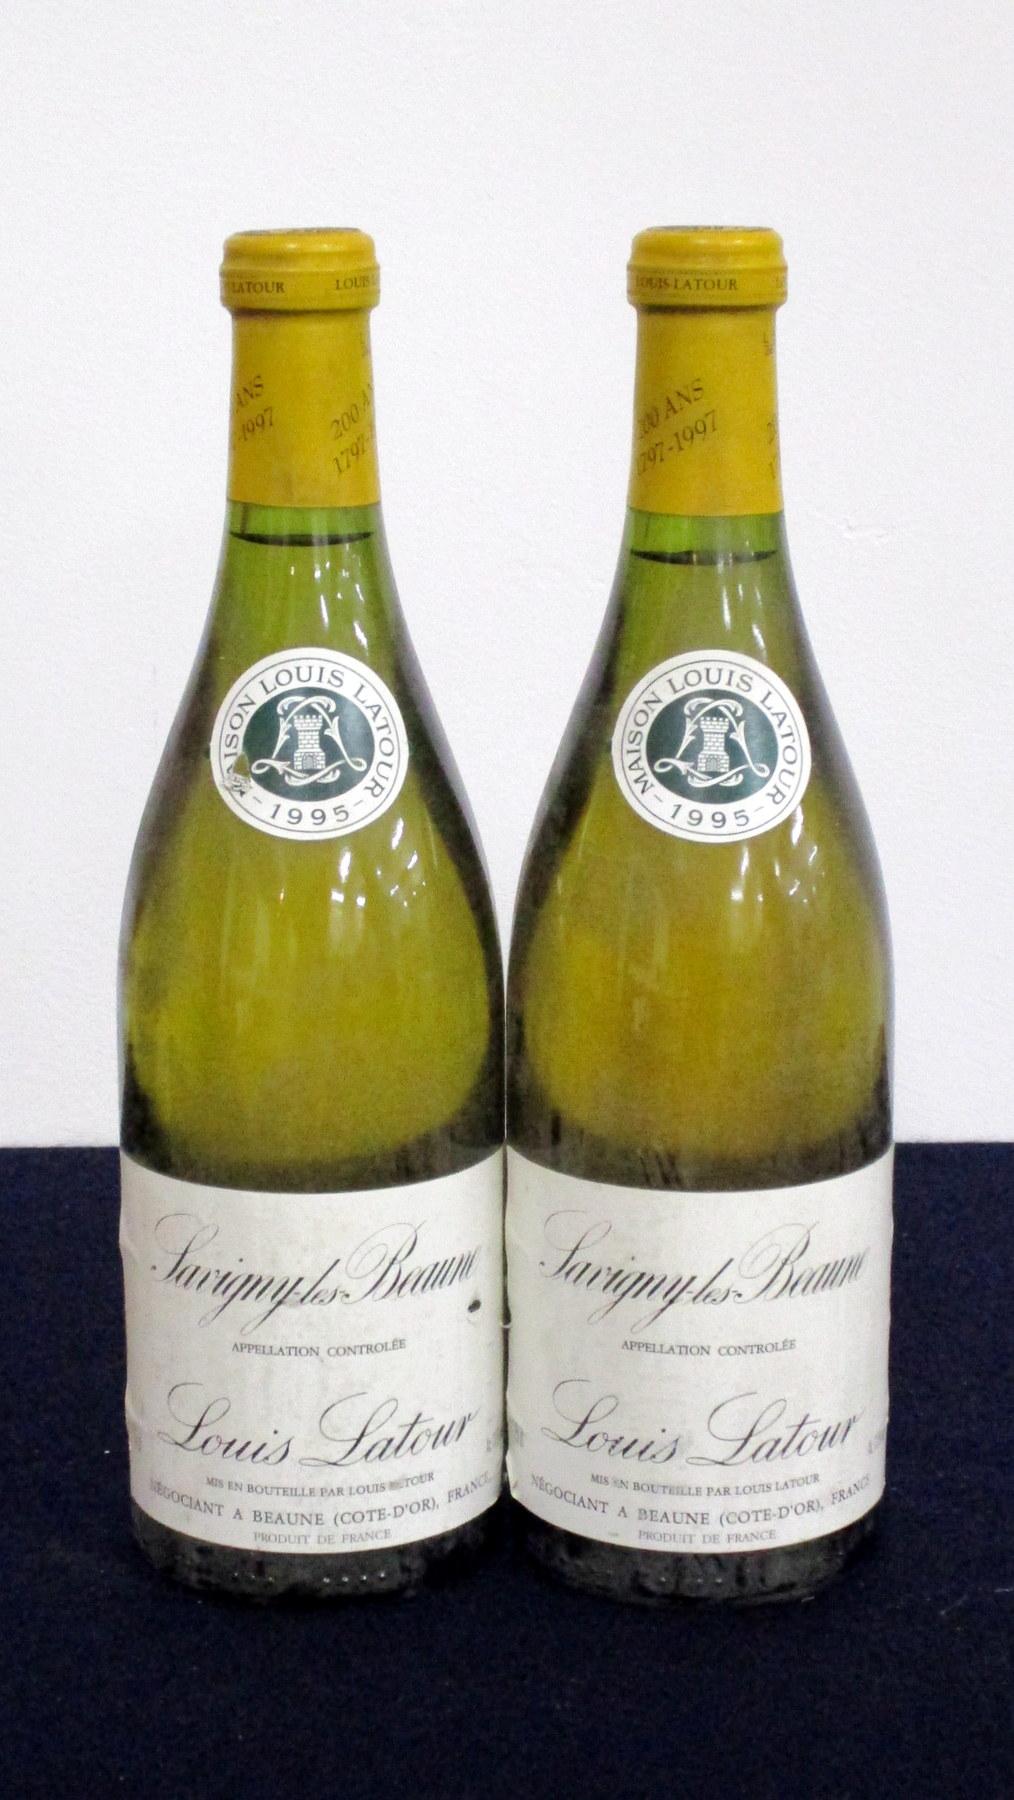 2 bts Savigny-Les-Beaune 1995 Louis Latour i.n, vsl bs